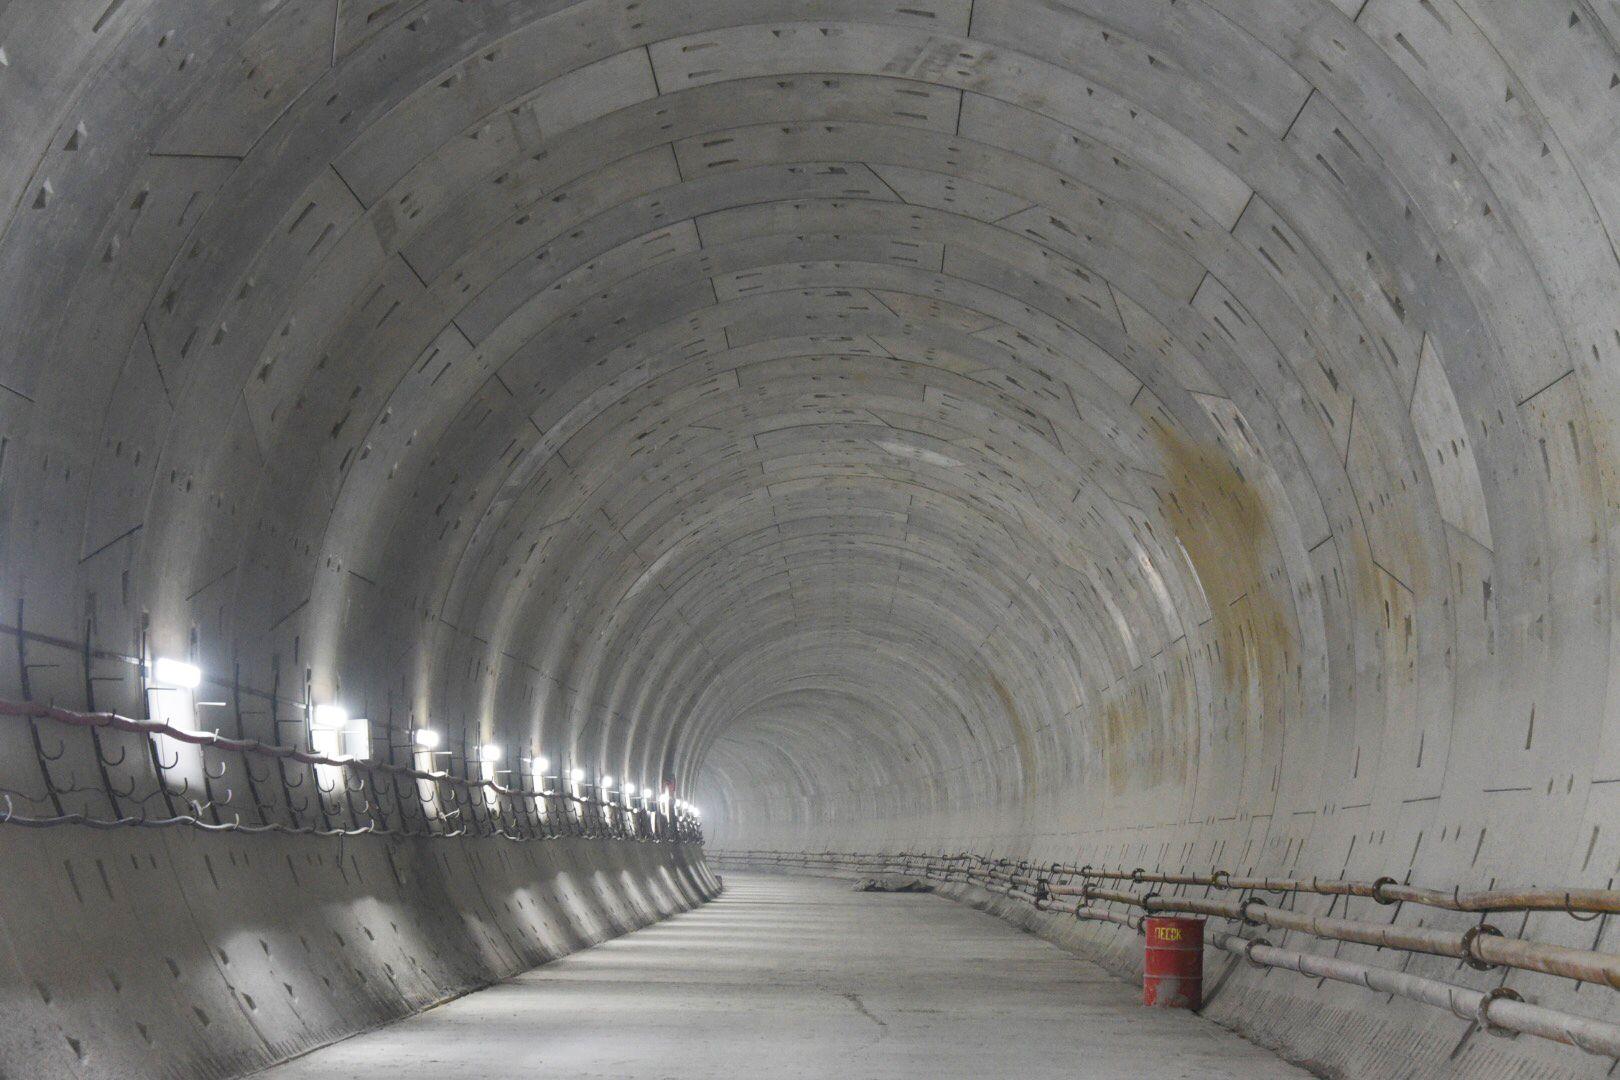 Протяженность линий метрополитена вырастет вдвое. Фото: Владимир Новиков